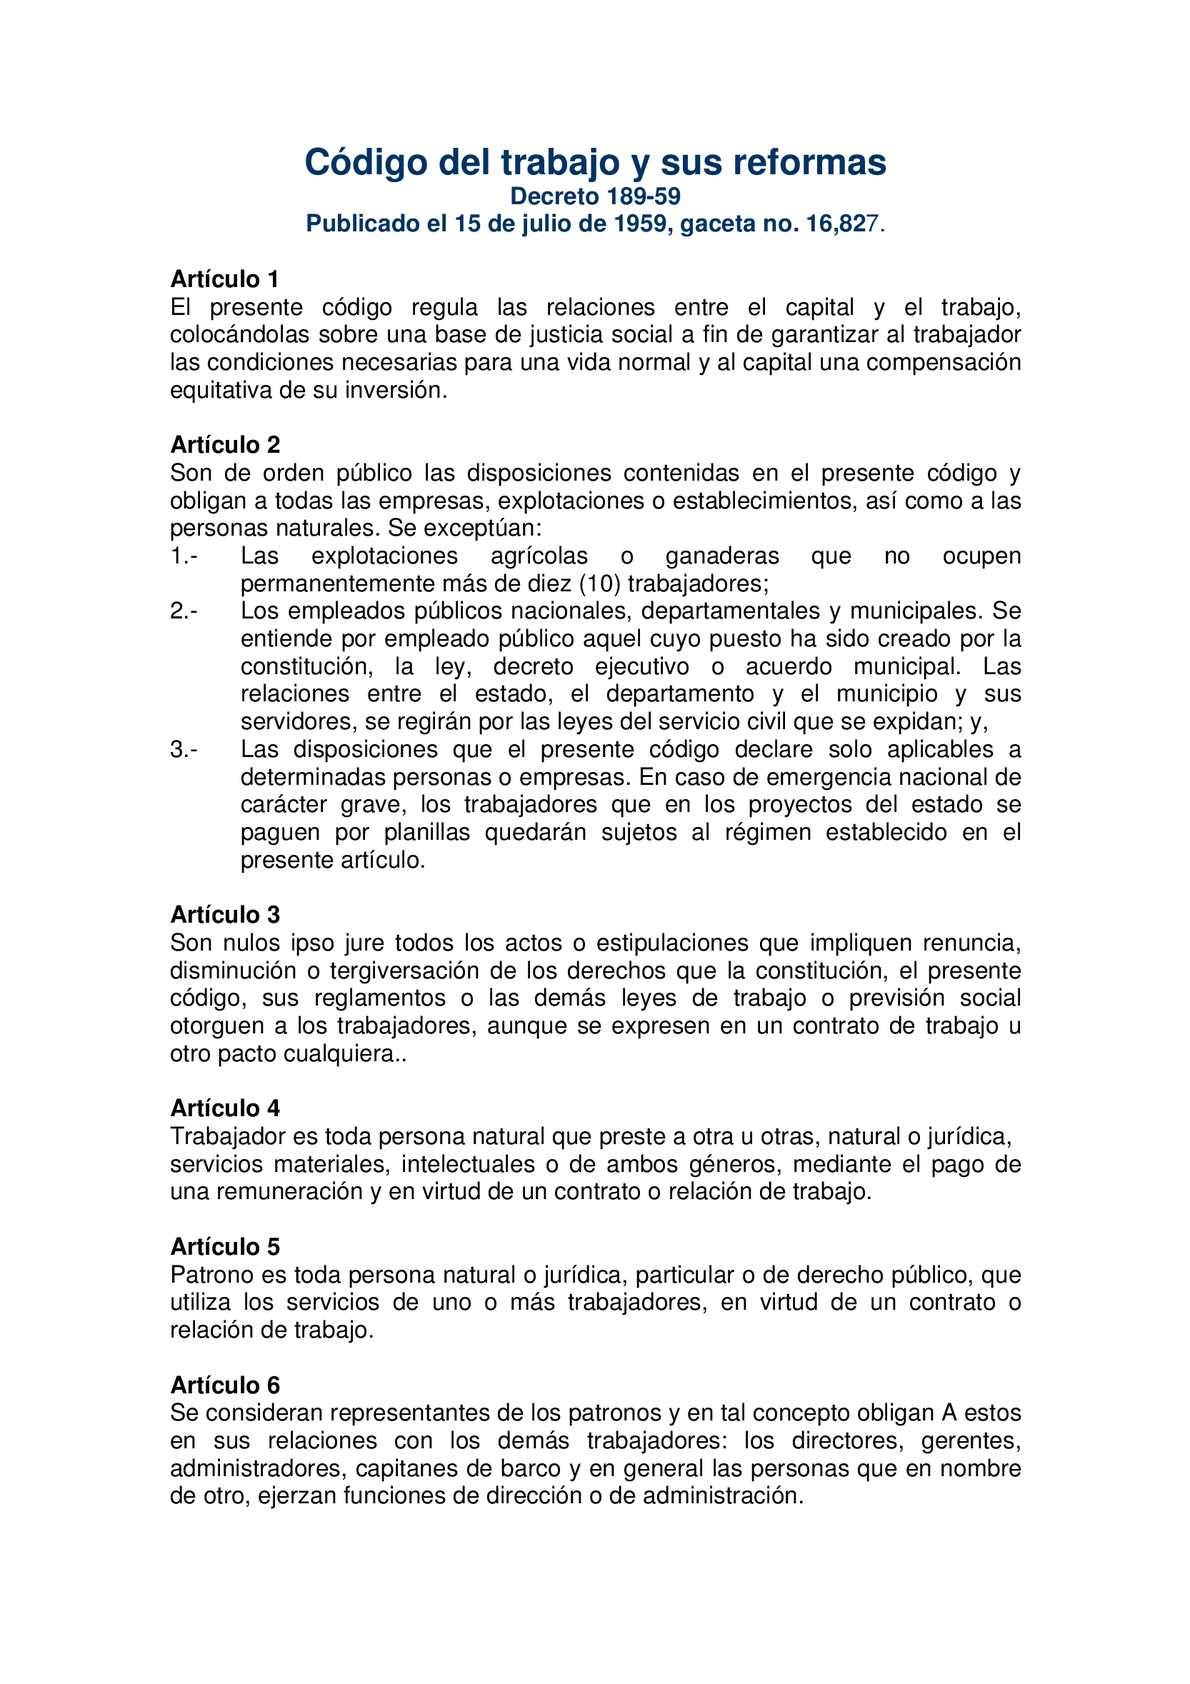 Calaméo - Código del trabajo y sus reformas